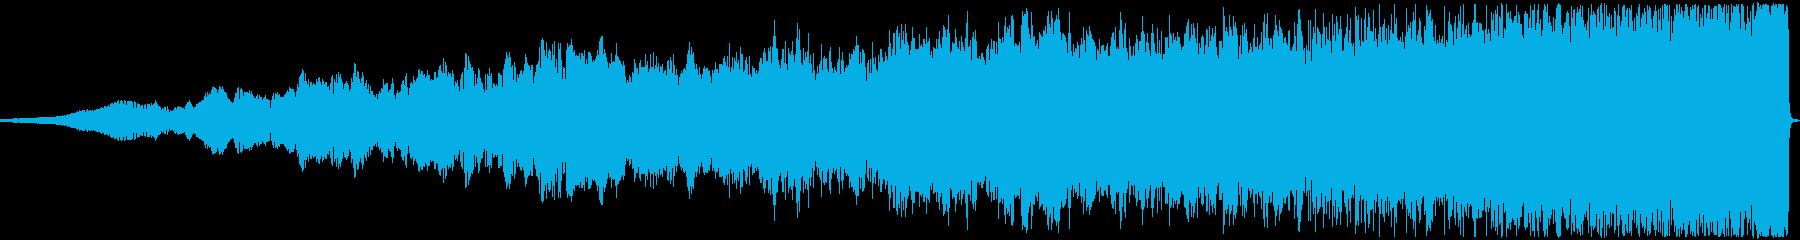 【インパクト】壮大なライザー音_02の再生済みの波形